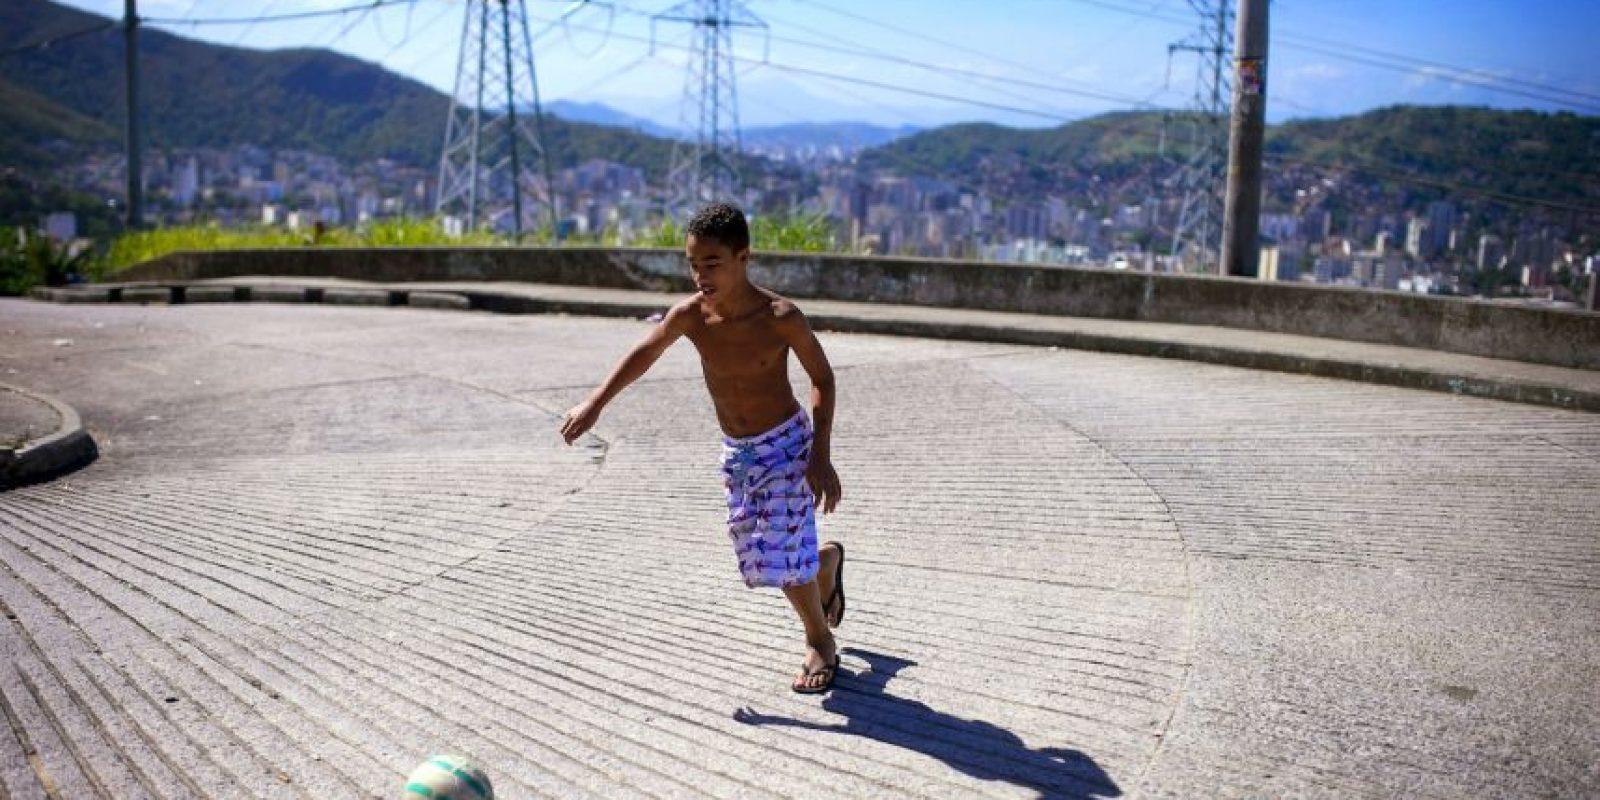 Más allá de sus consecuencias sanitarias y sociales, el maltrato infantil tiene un impacto económico que abarca los costos de la hospitalización, de los tratamientos por motivos de salud mental, de los servicios sociales para la infancia y los costos sanitarios a largo plazo. Foto:Getty Images